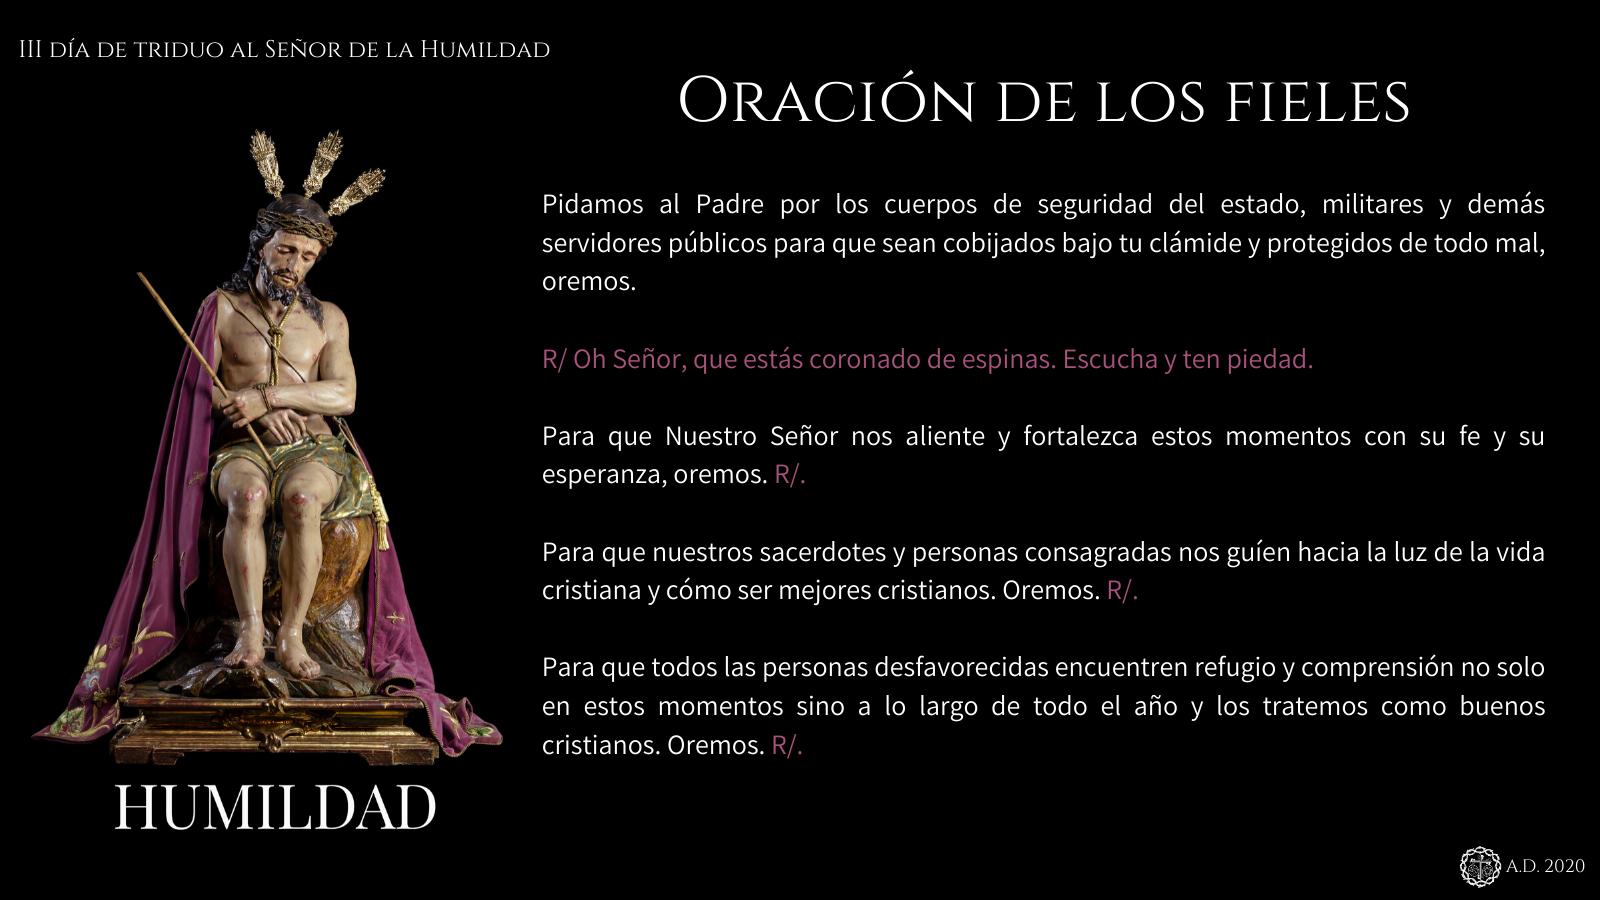 Triduo Humildad III (5)